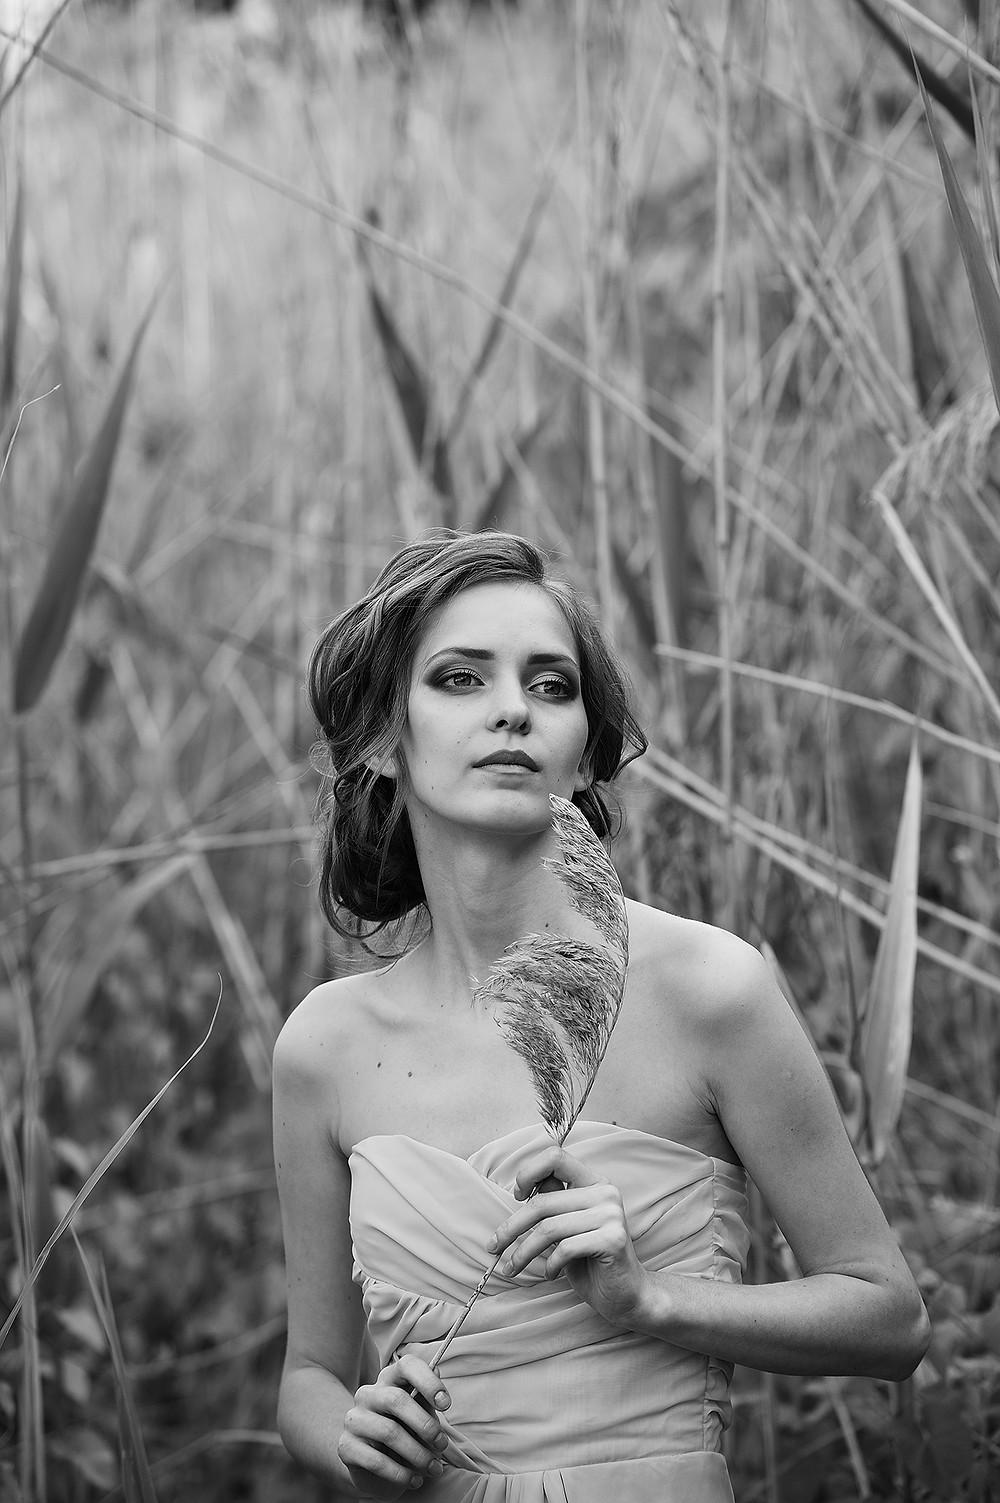 черно-белое фото девушки на природе